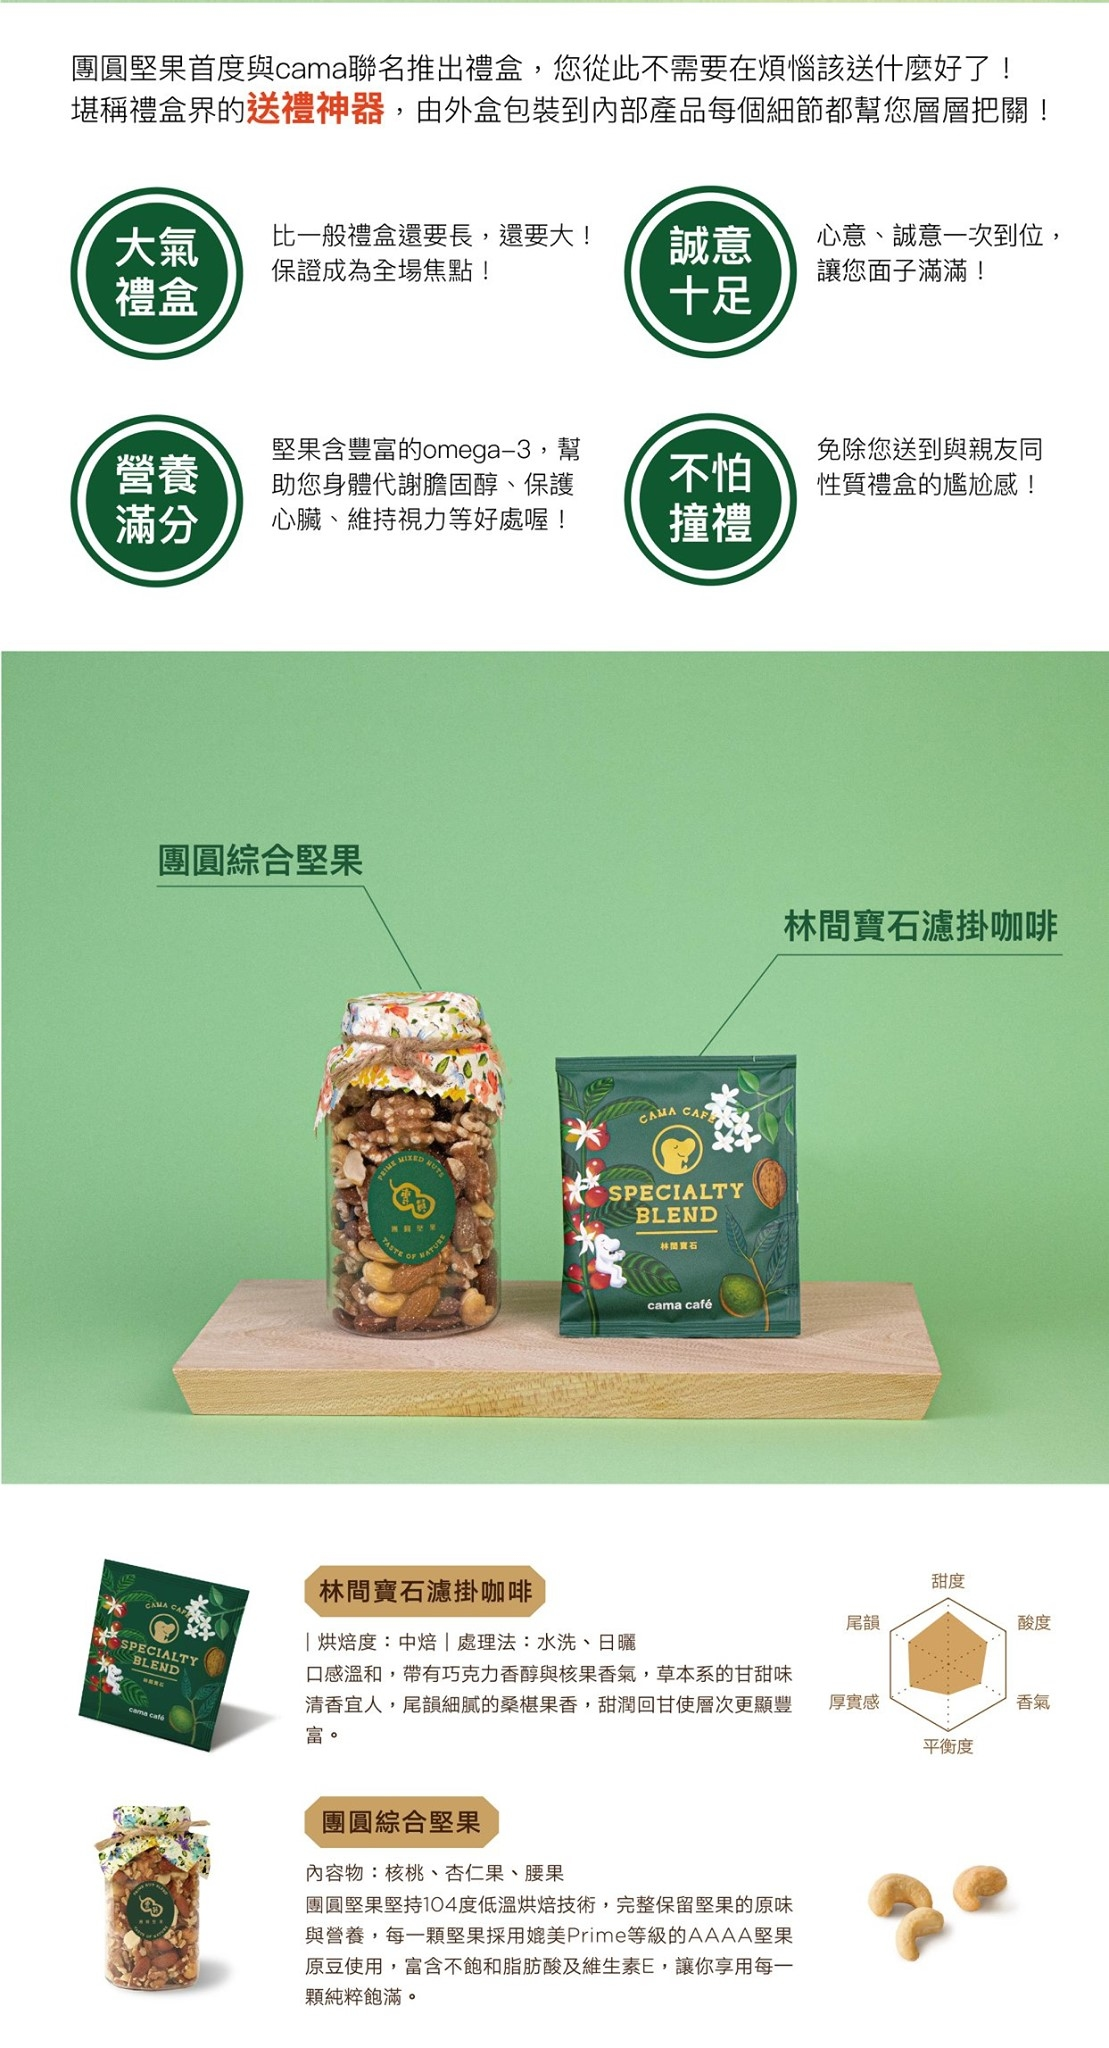 『 cama café x 團圓堅果林間瑰寶禮盒(大) 』節慶送禮首選!